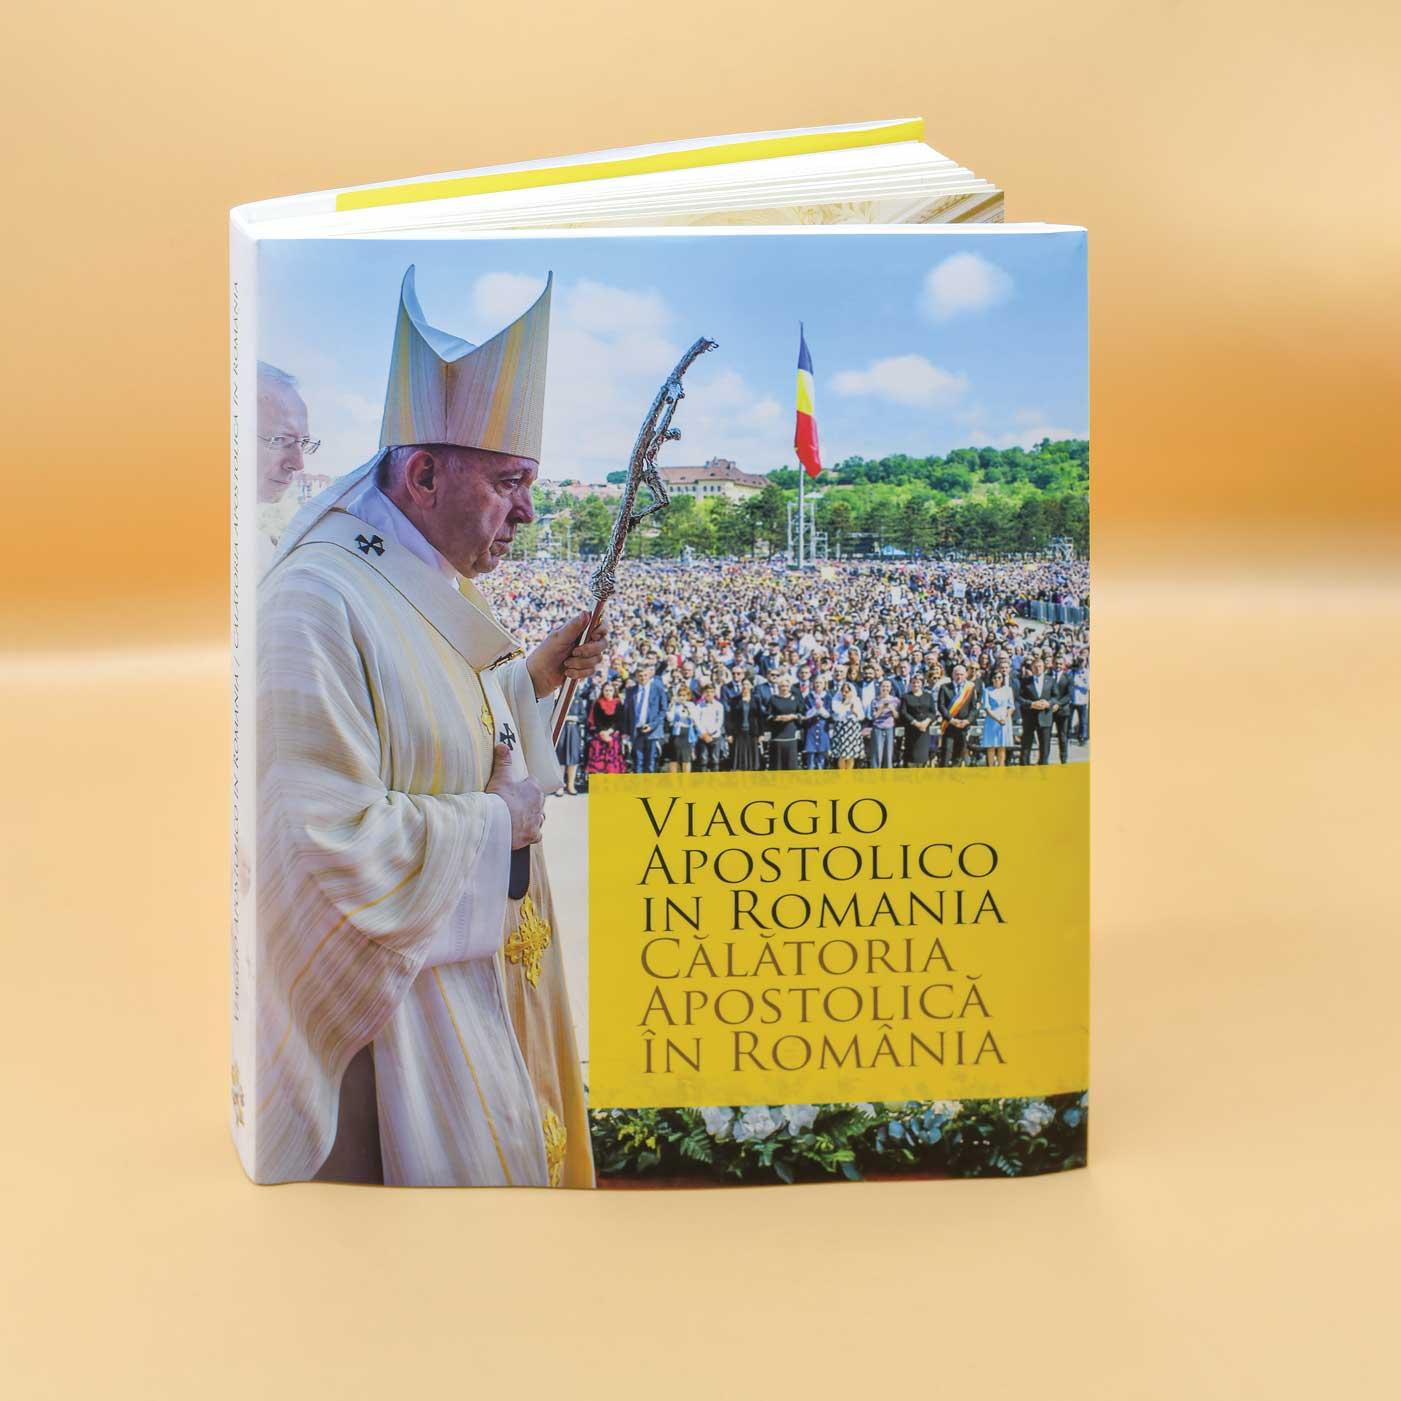 Viaggio Apostolico in Romania – Călătoria apostolică în România, București, Editura Tracus Arte, 2020 (295 pagini)